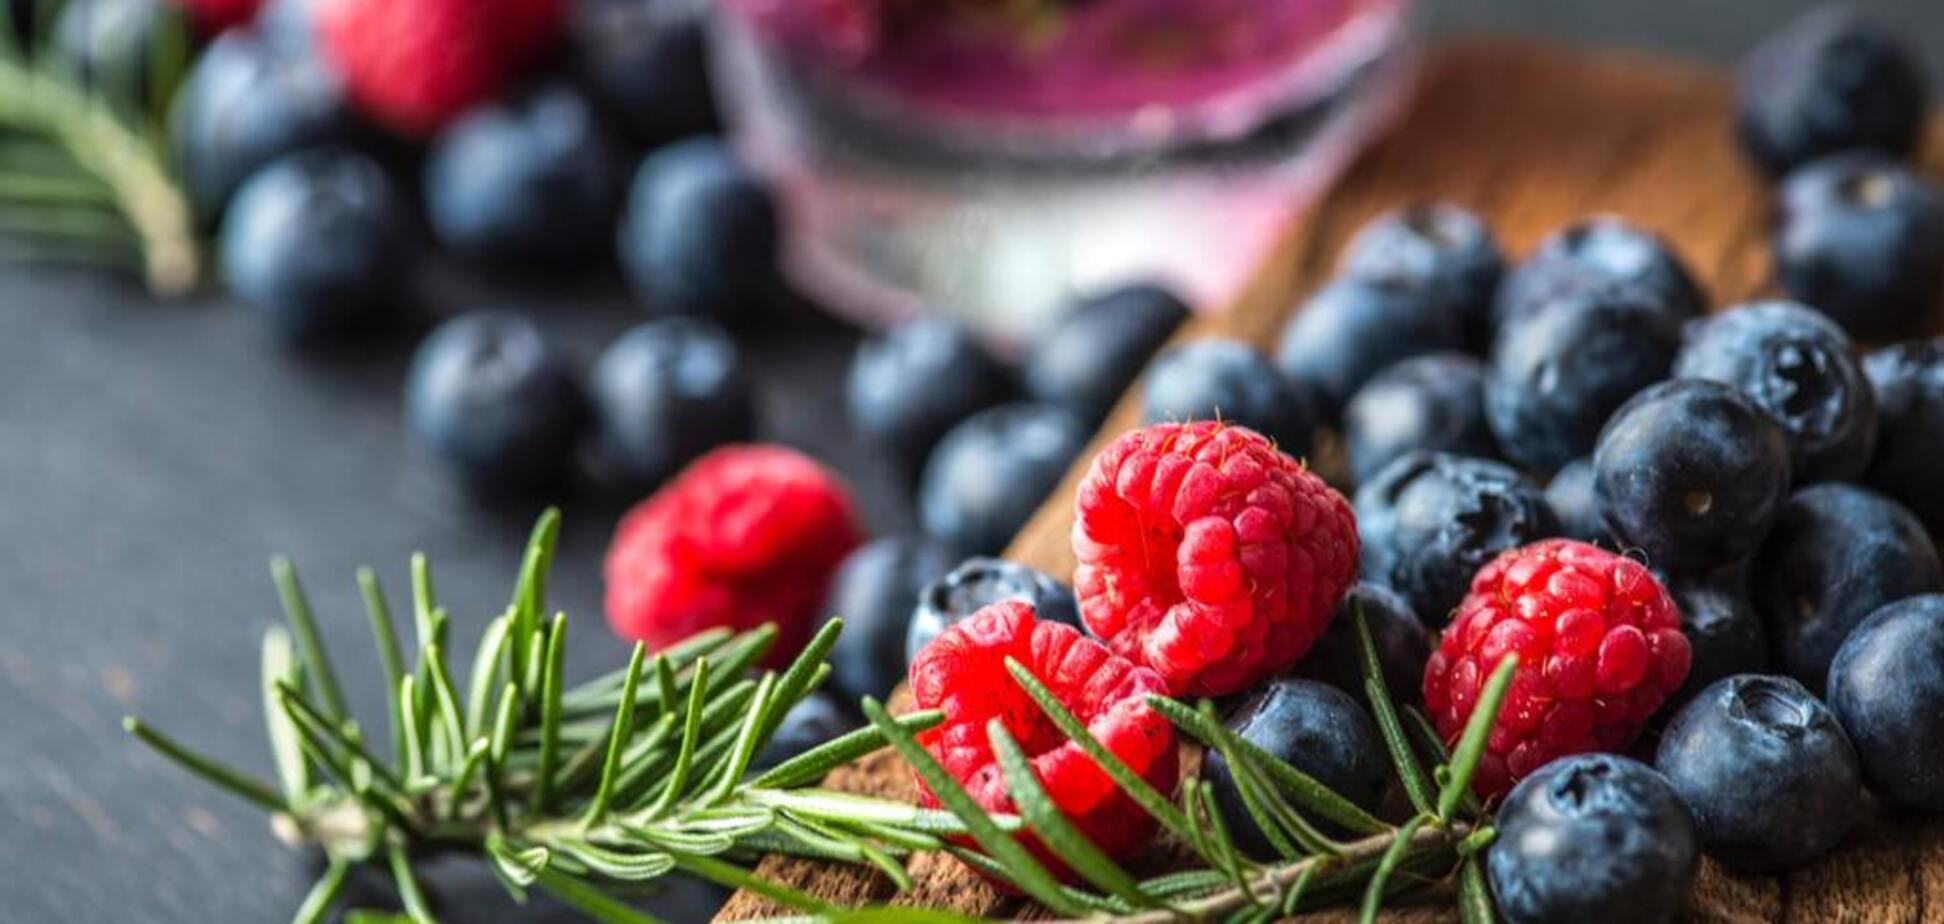 От атеросклероза и ожирения: медики назвали самые полезные летние ягоды